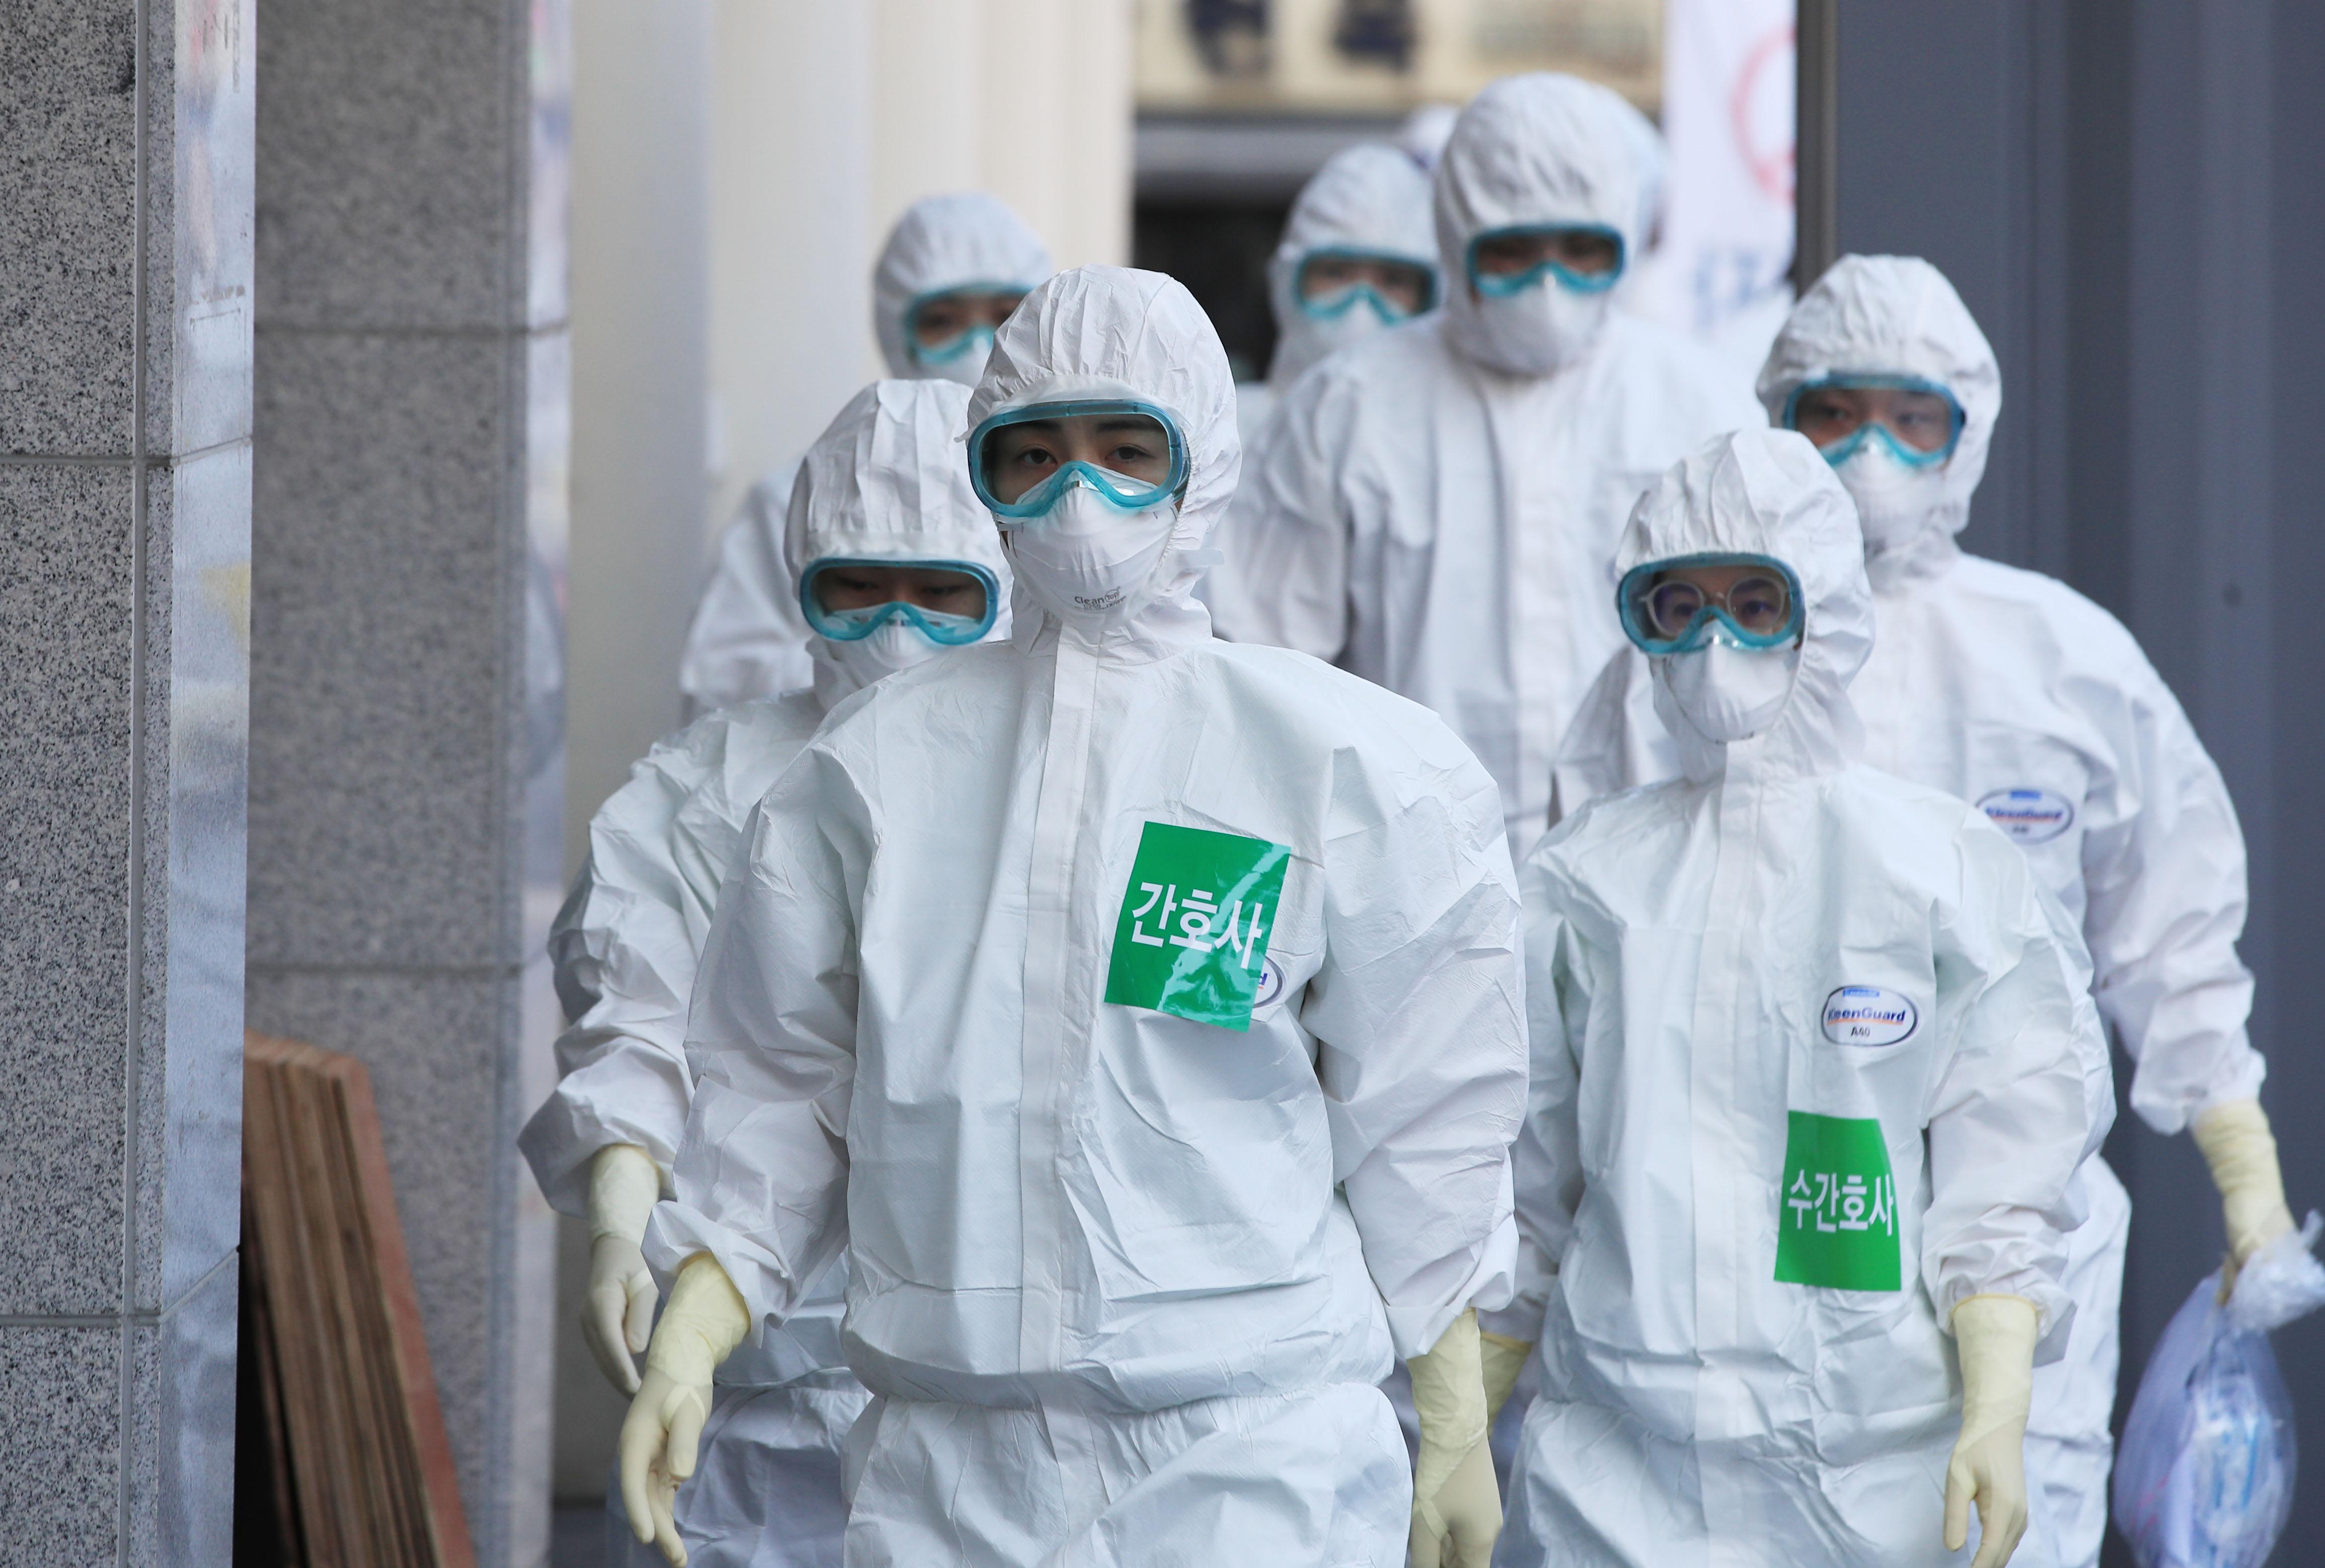 대구시 중구 계명대학교 대구동산병원에서 방호복을 입은 의료진이 병동으로 향하고 있다. 연합뉴스 제공